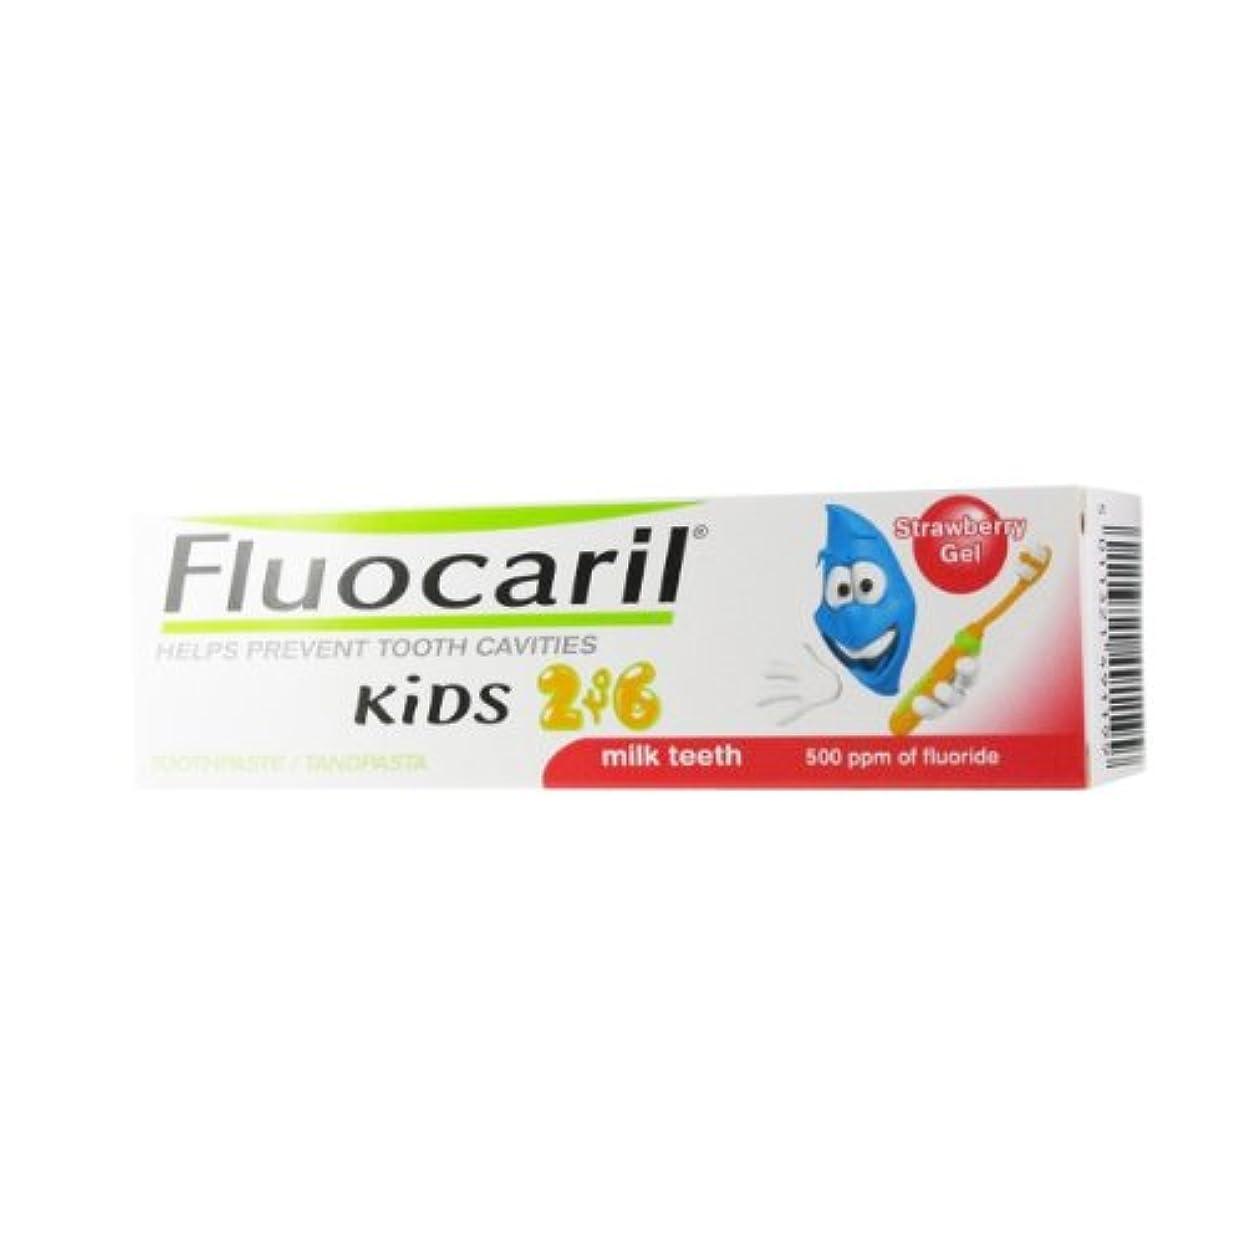 堀家族ぞっとするようなFluocaril Kids 2 To 6 Strawberry Gel 50ml [並行輸入品]